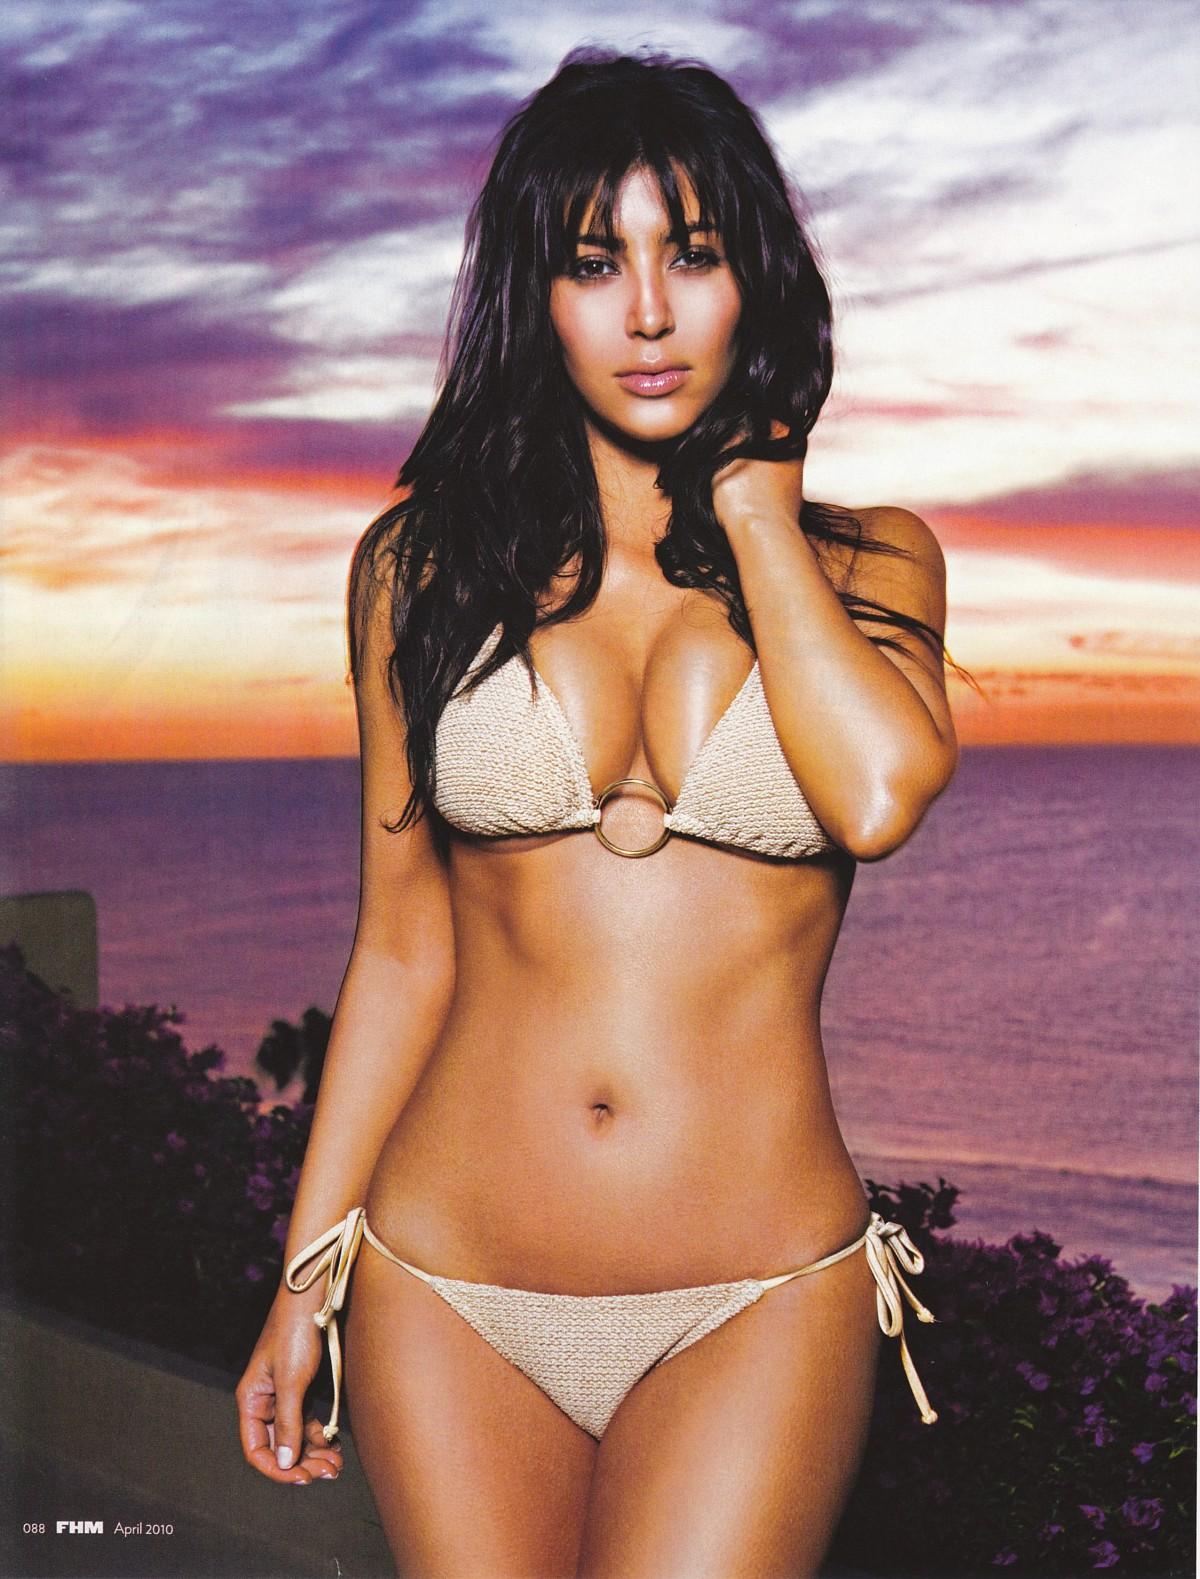 http://1.bp.blogspot.com/-fSOE17ieYbo/TeoG8qLOBUI/AAAAAAAAAGY/D9W-KzcPMhE/s1600/kim-kardashian.jpg